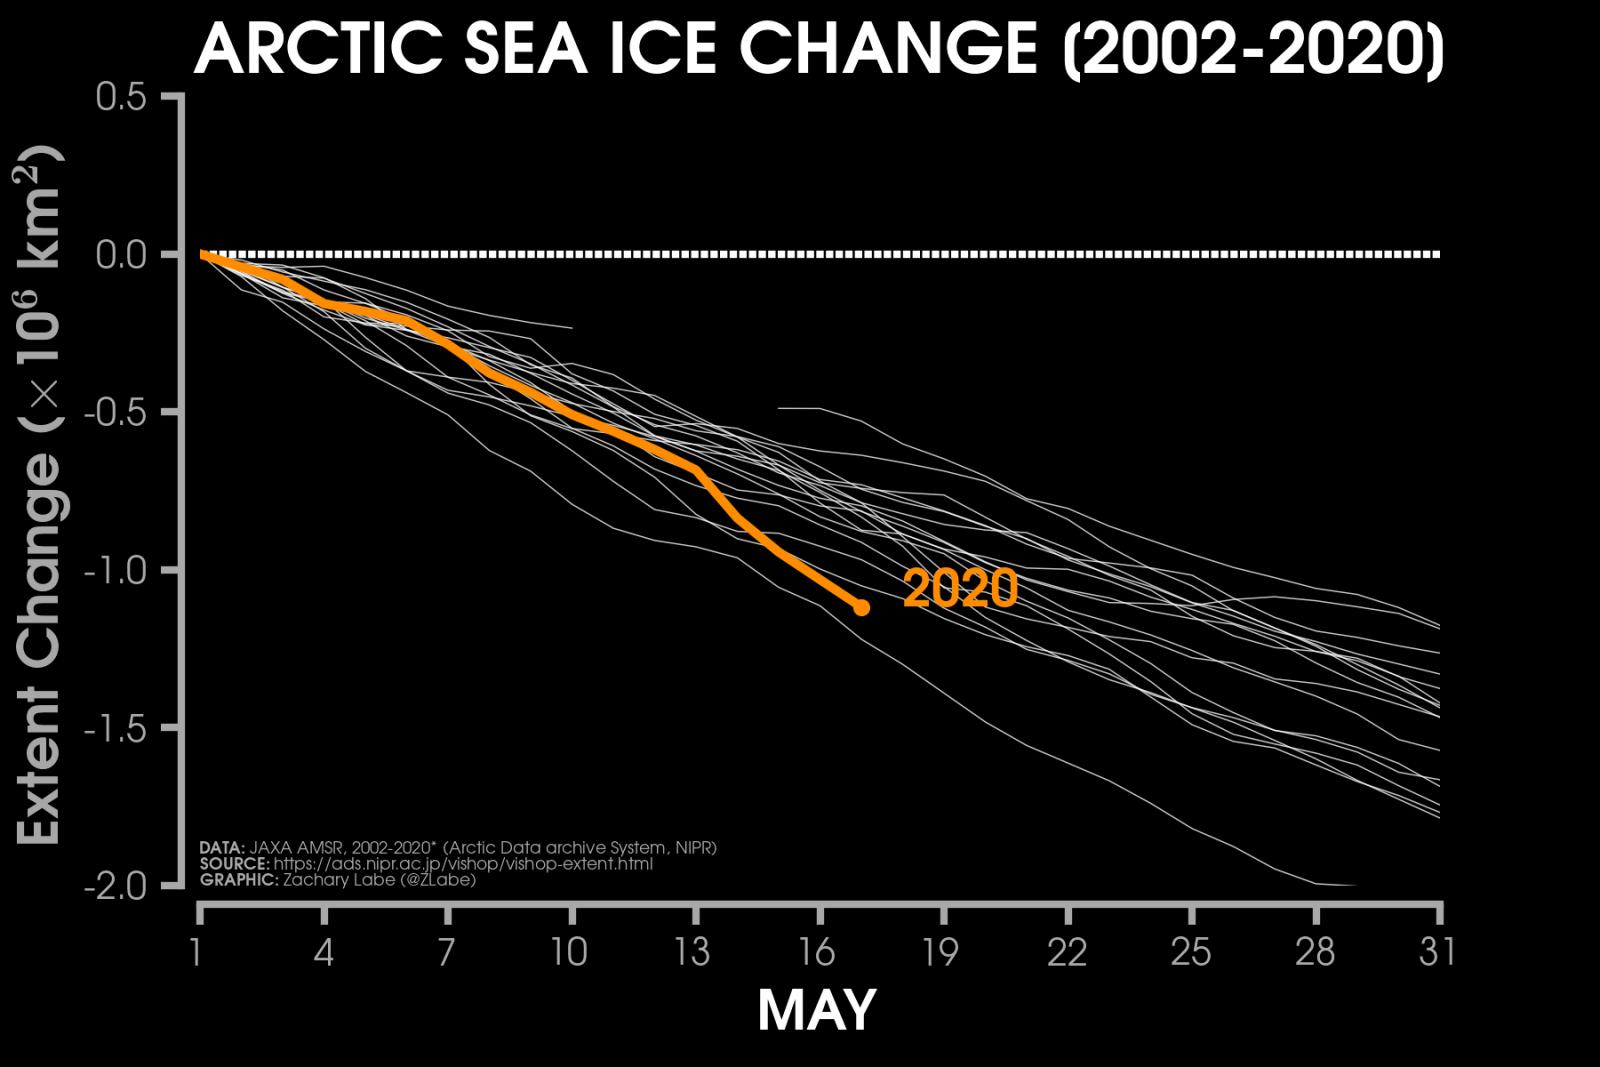 Image d'illustration pour Une banquise Arctique en fonte accélérée en ce printemps